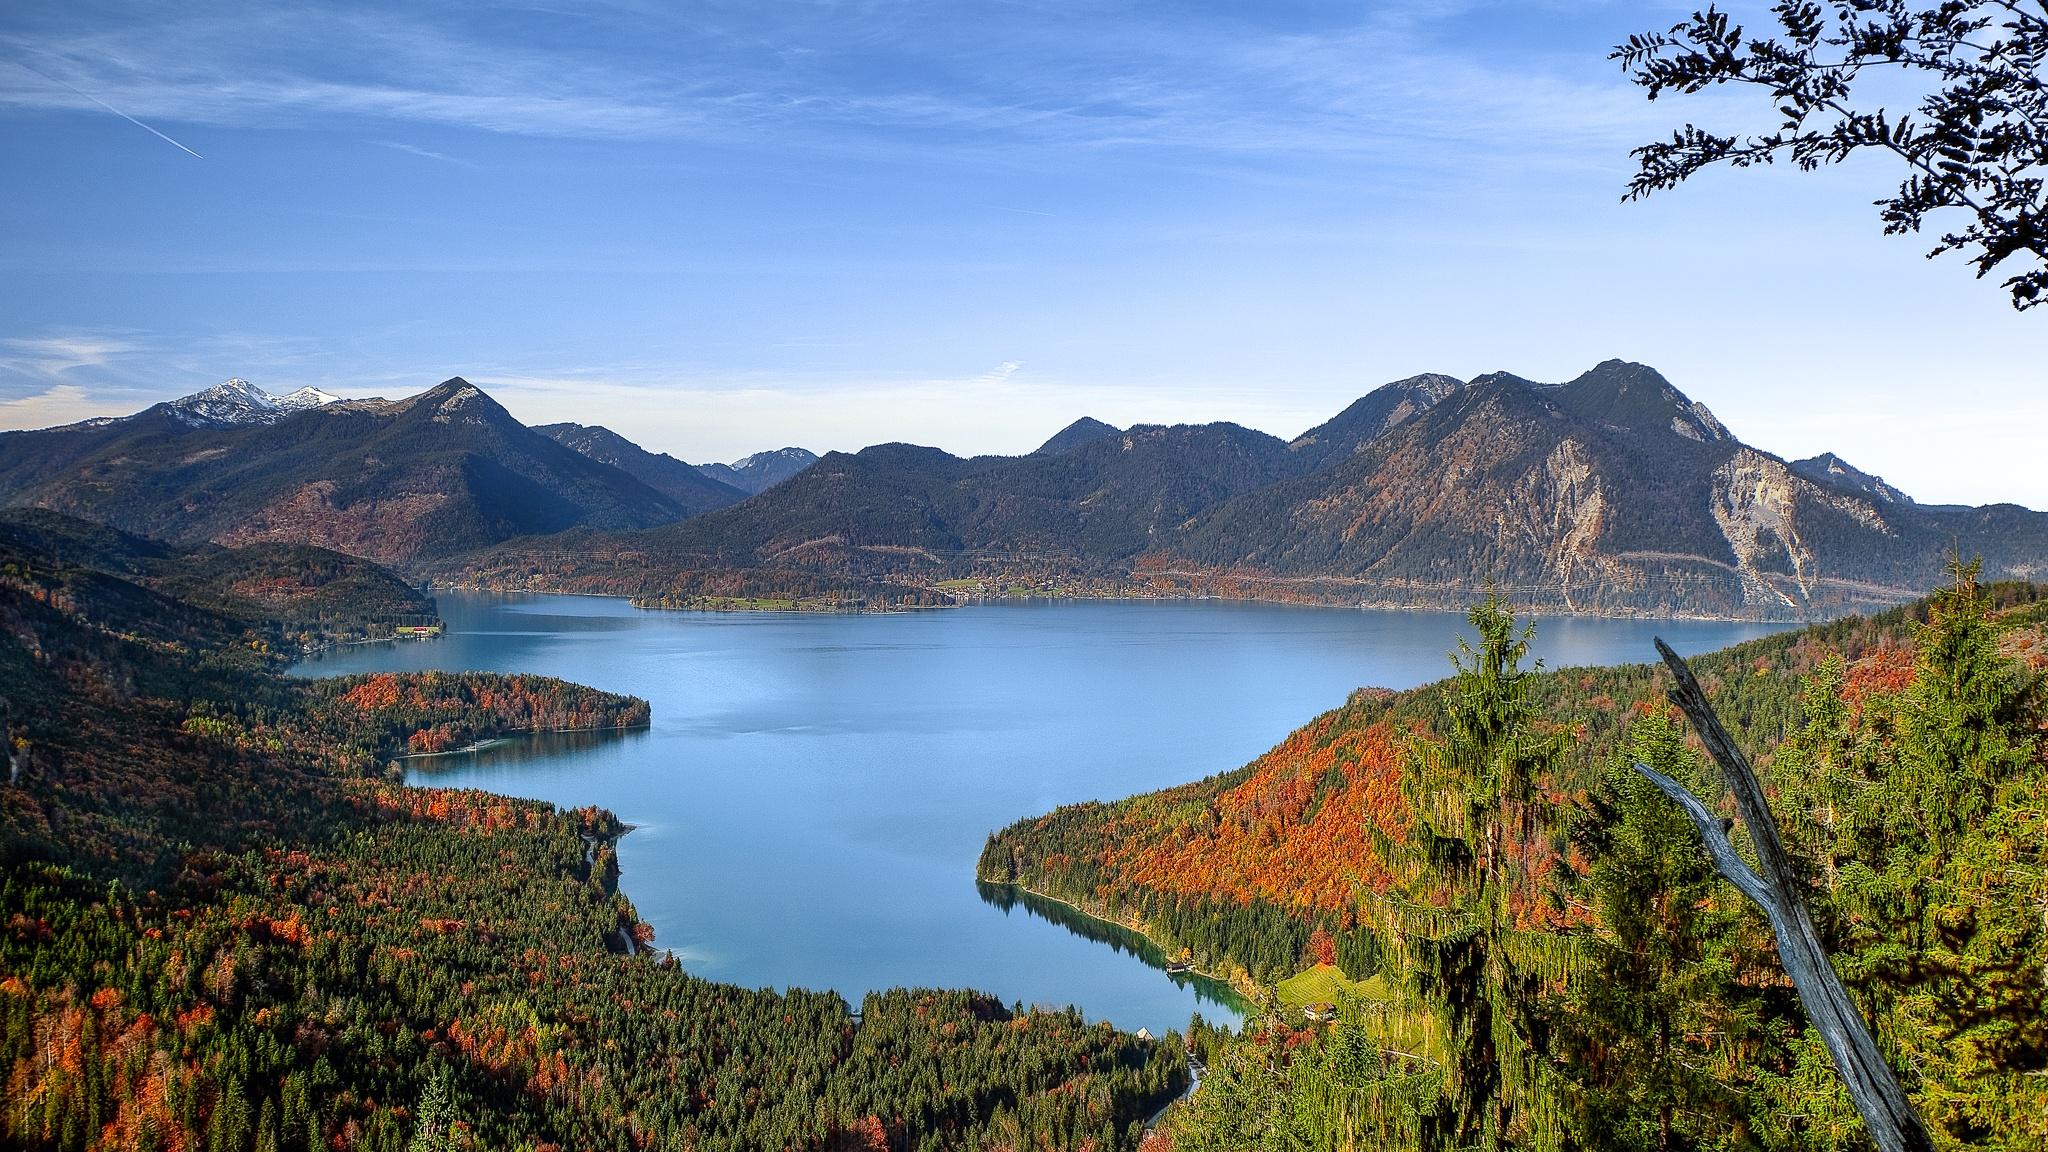 Kurz nach Sonnenaufgang, in der goldenen Stunde, erstrahlen die Laubbäume rund um den Walchensee in bunten Herbstfarben.